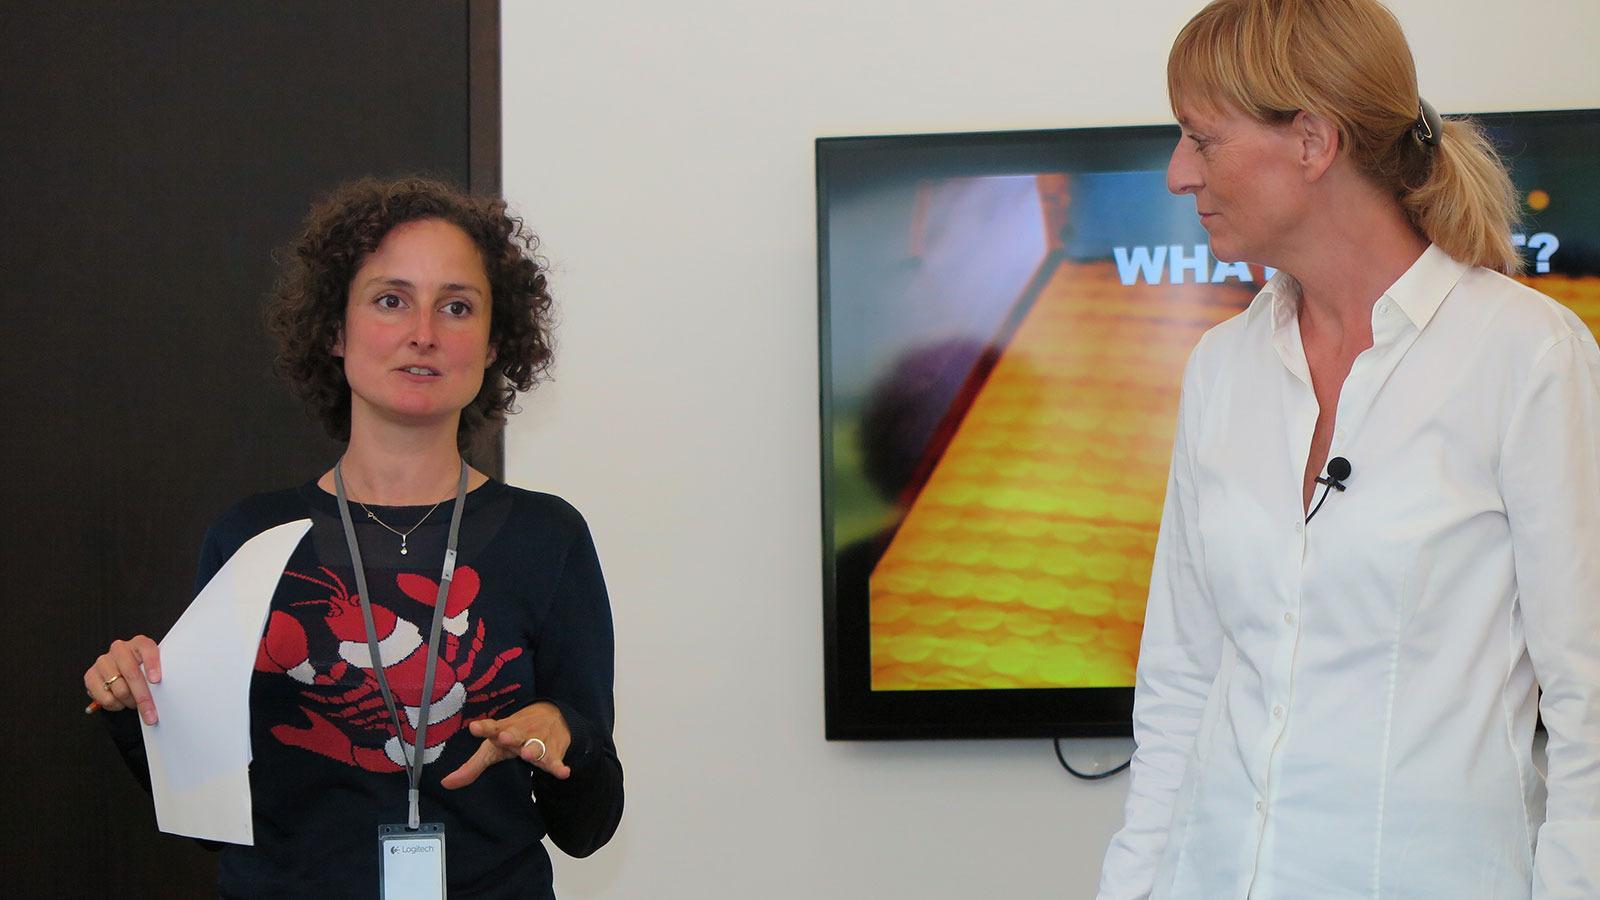 Juliette Legrand (til venstre), direktør for PR og sosiale medier, her sammen med Charlotte Johs, direktør for global merkevareutvikling i Logitech. Sammen forsøker de å profilere logi som et mer offensivt og fargerikt selskap enn «gamle» Logitech. Foto: Espen Irwing Swang, Tek.no